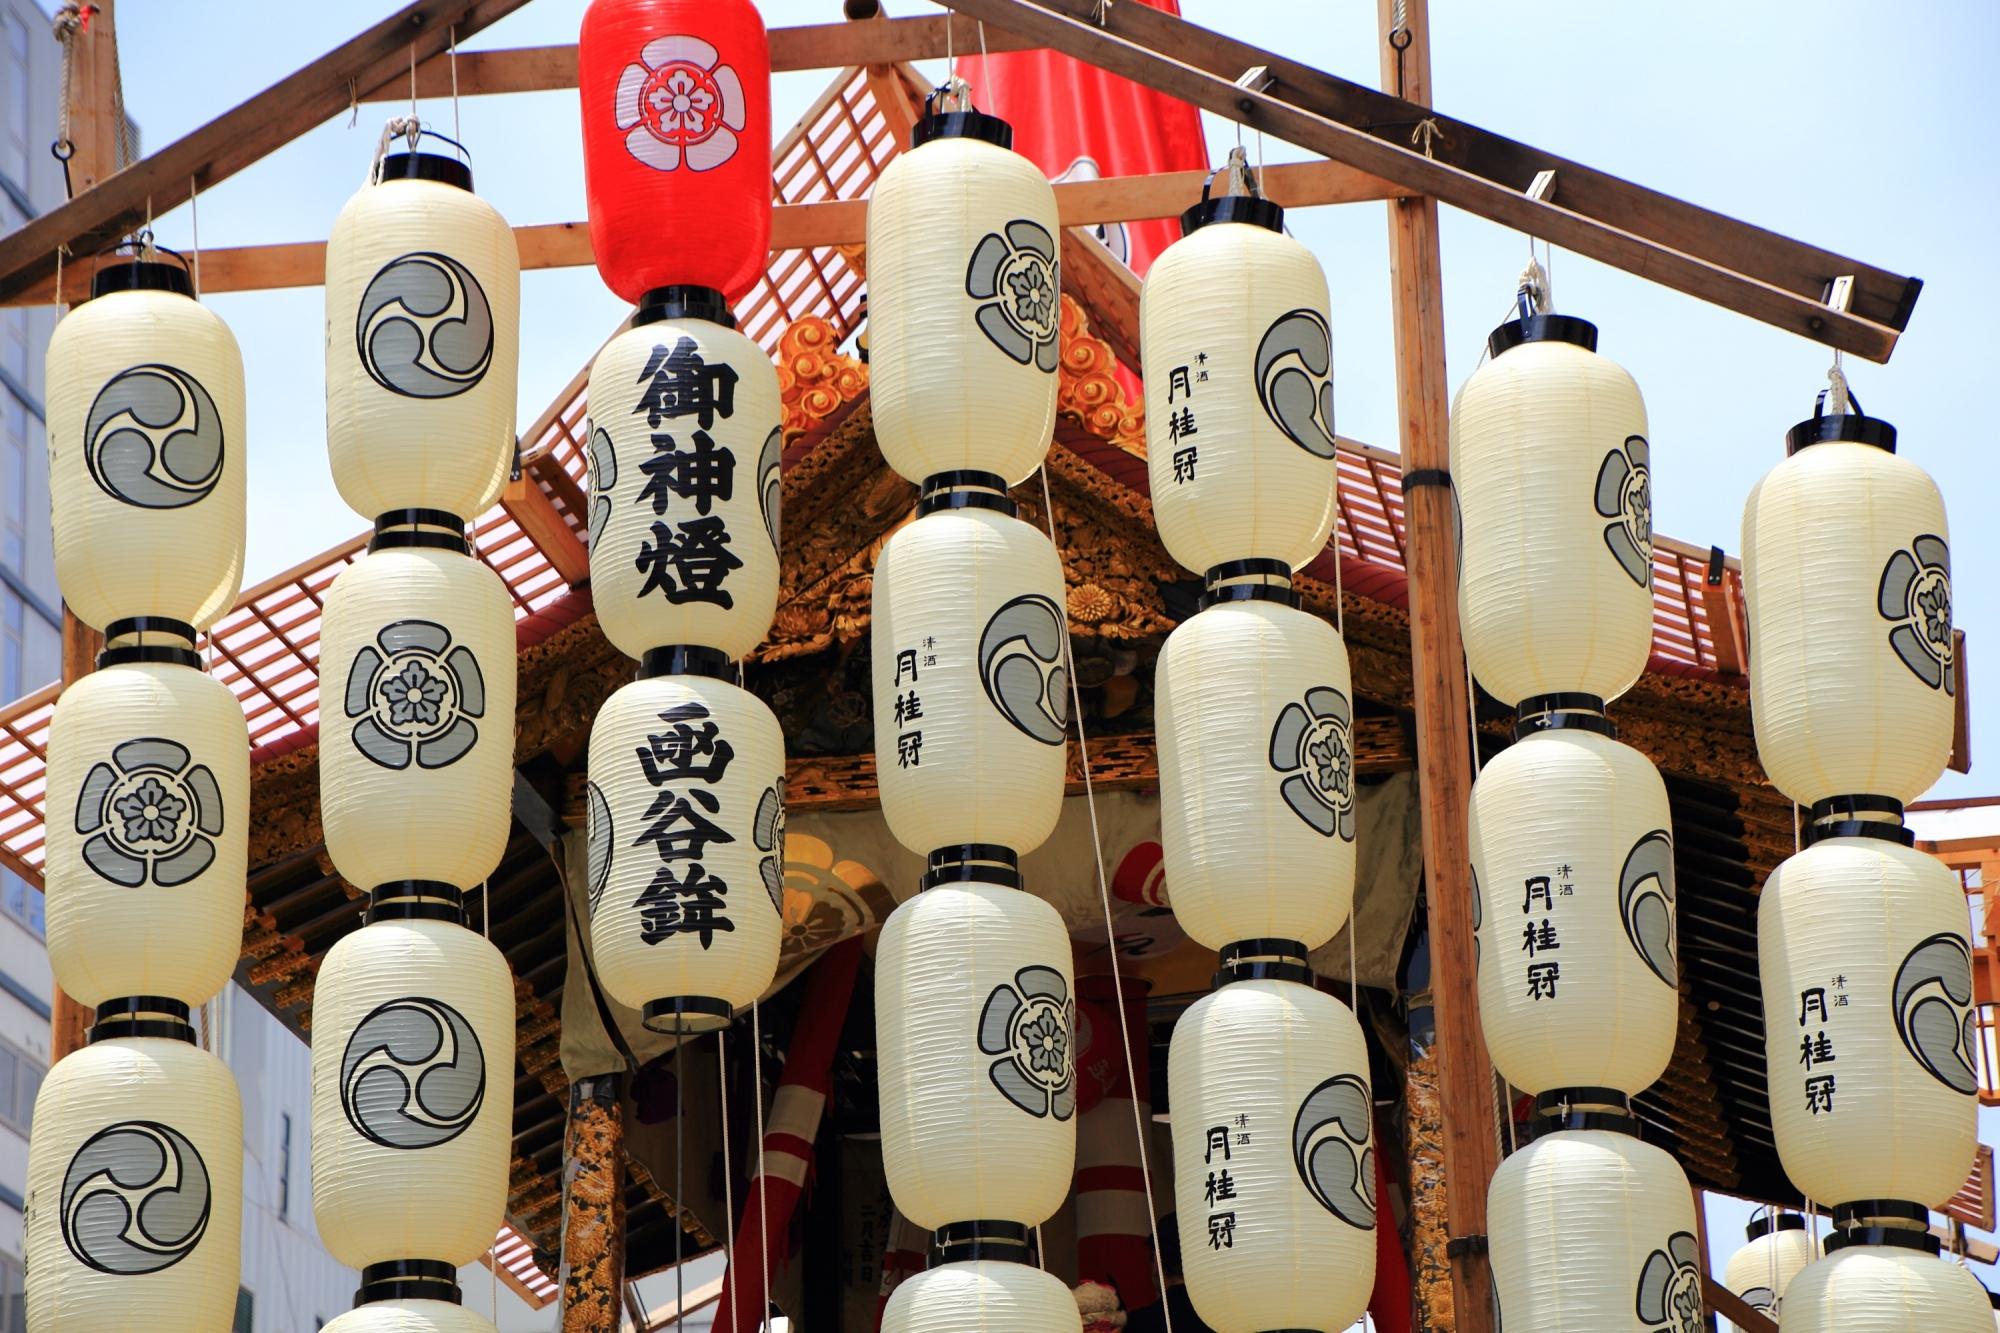 函谷鉾 駒形提灯 祇園祭 夏